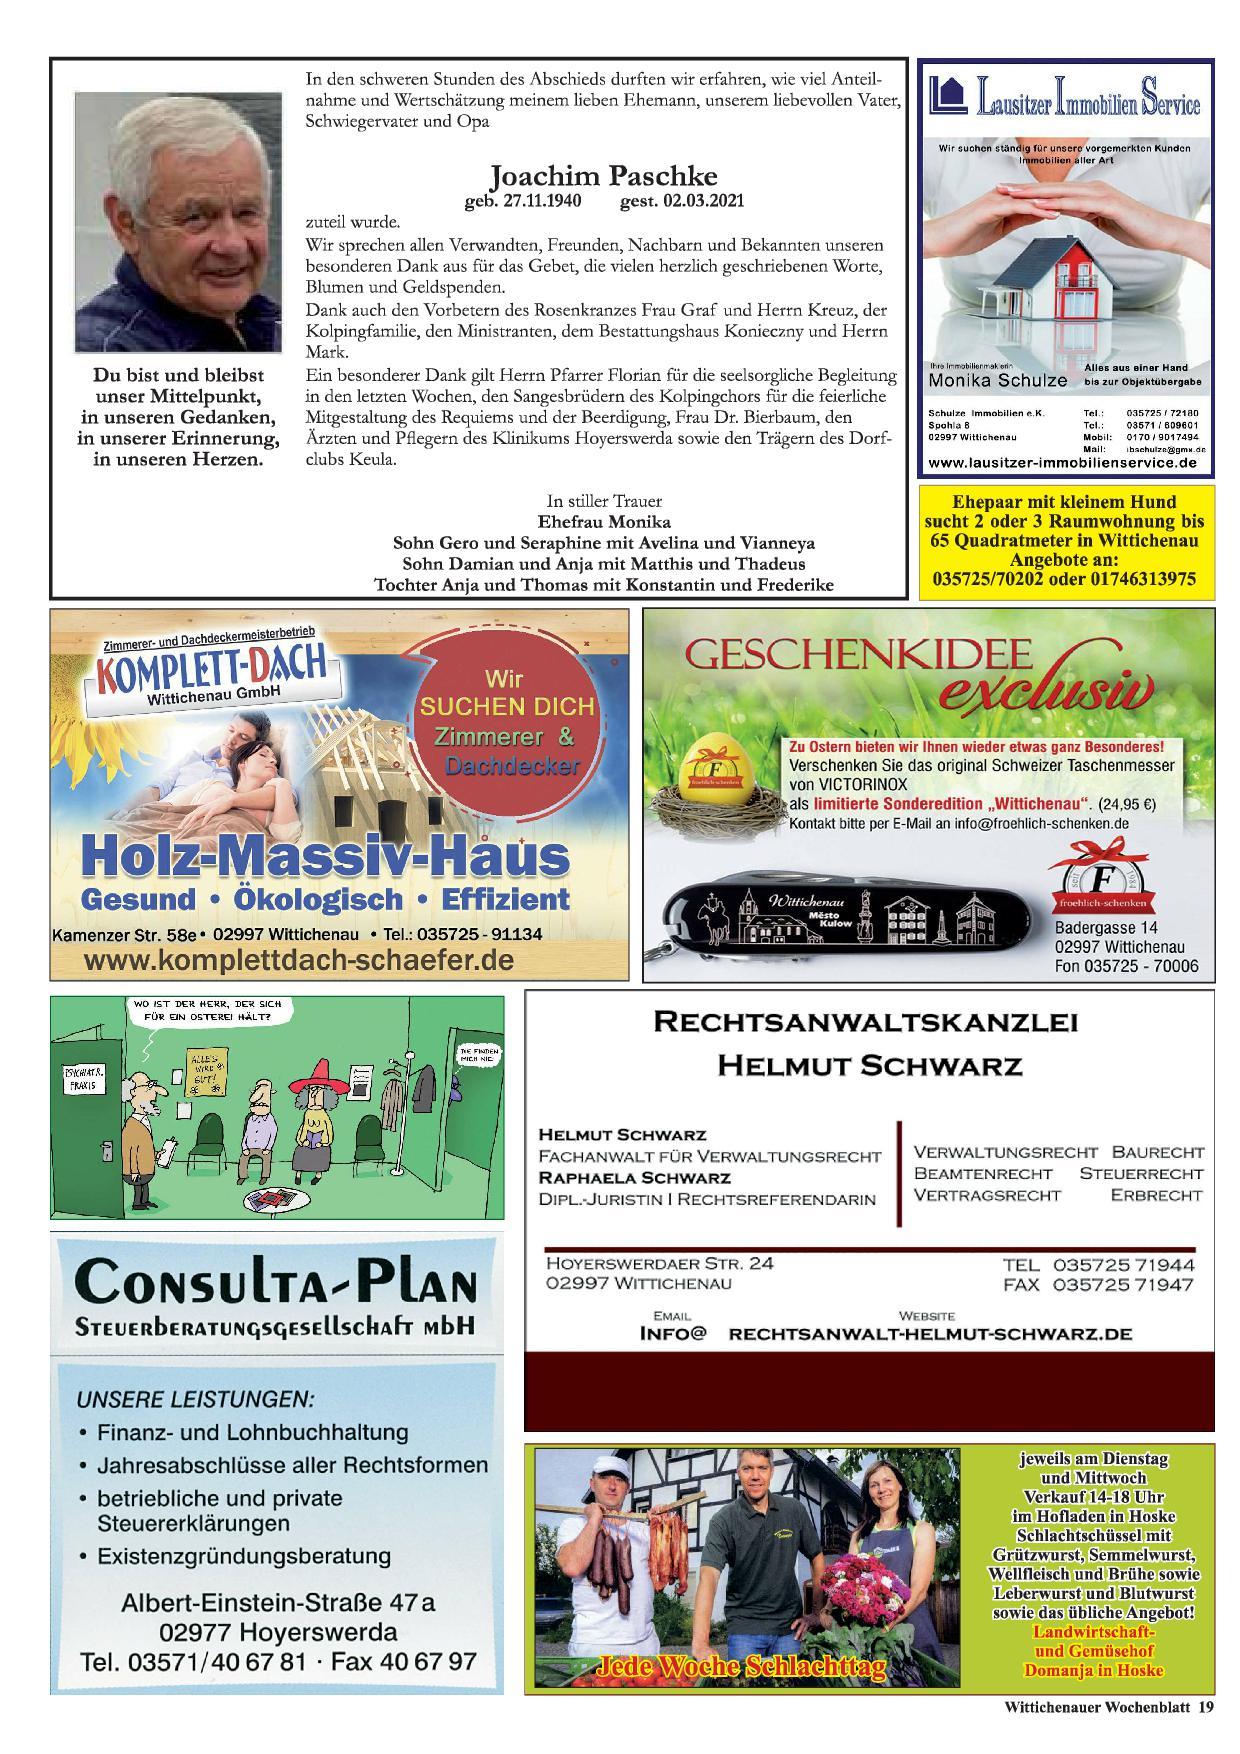 Wochenblatt Nr. 6 - 2021